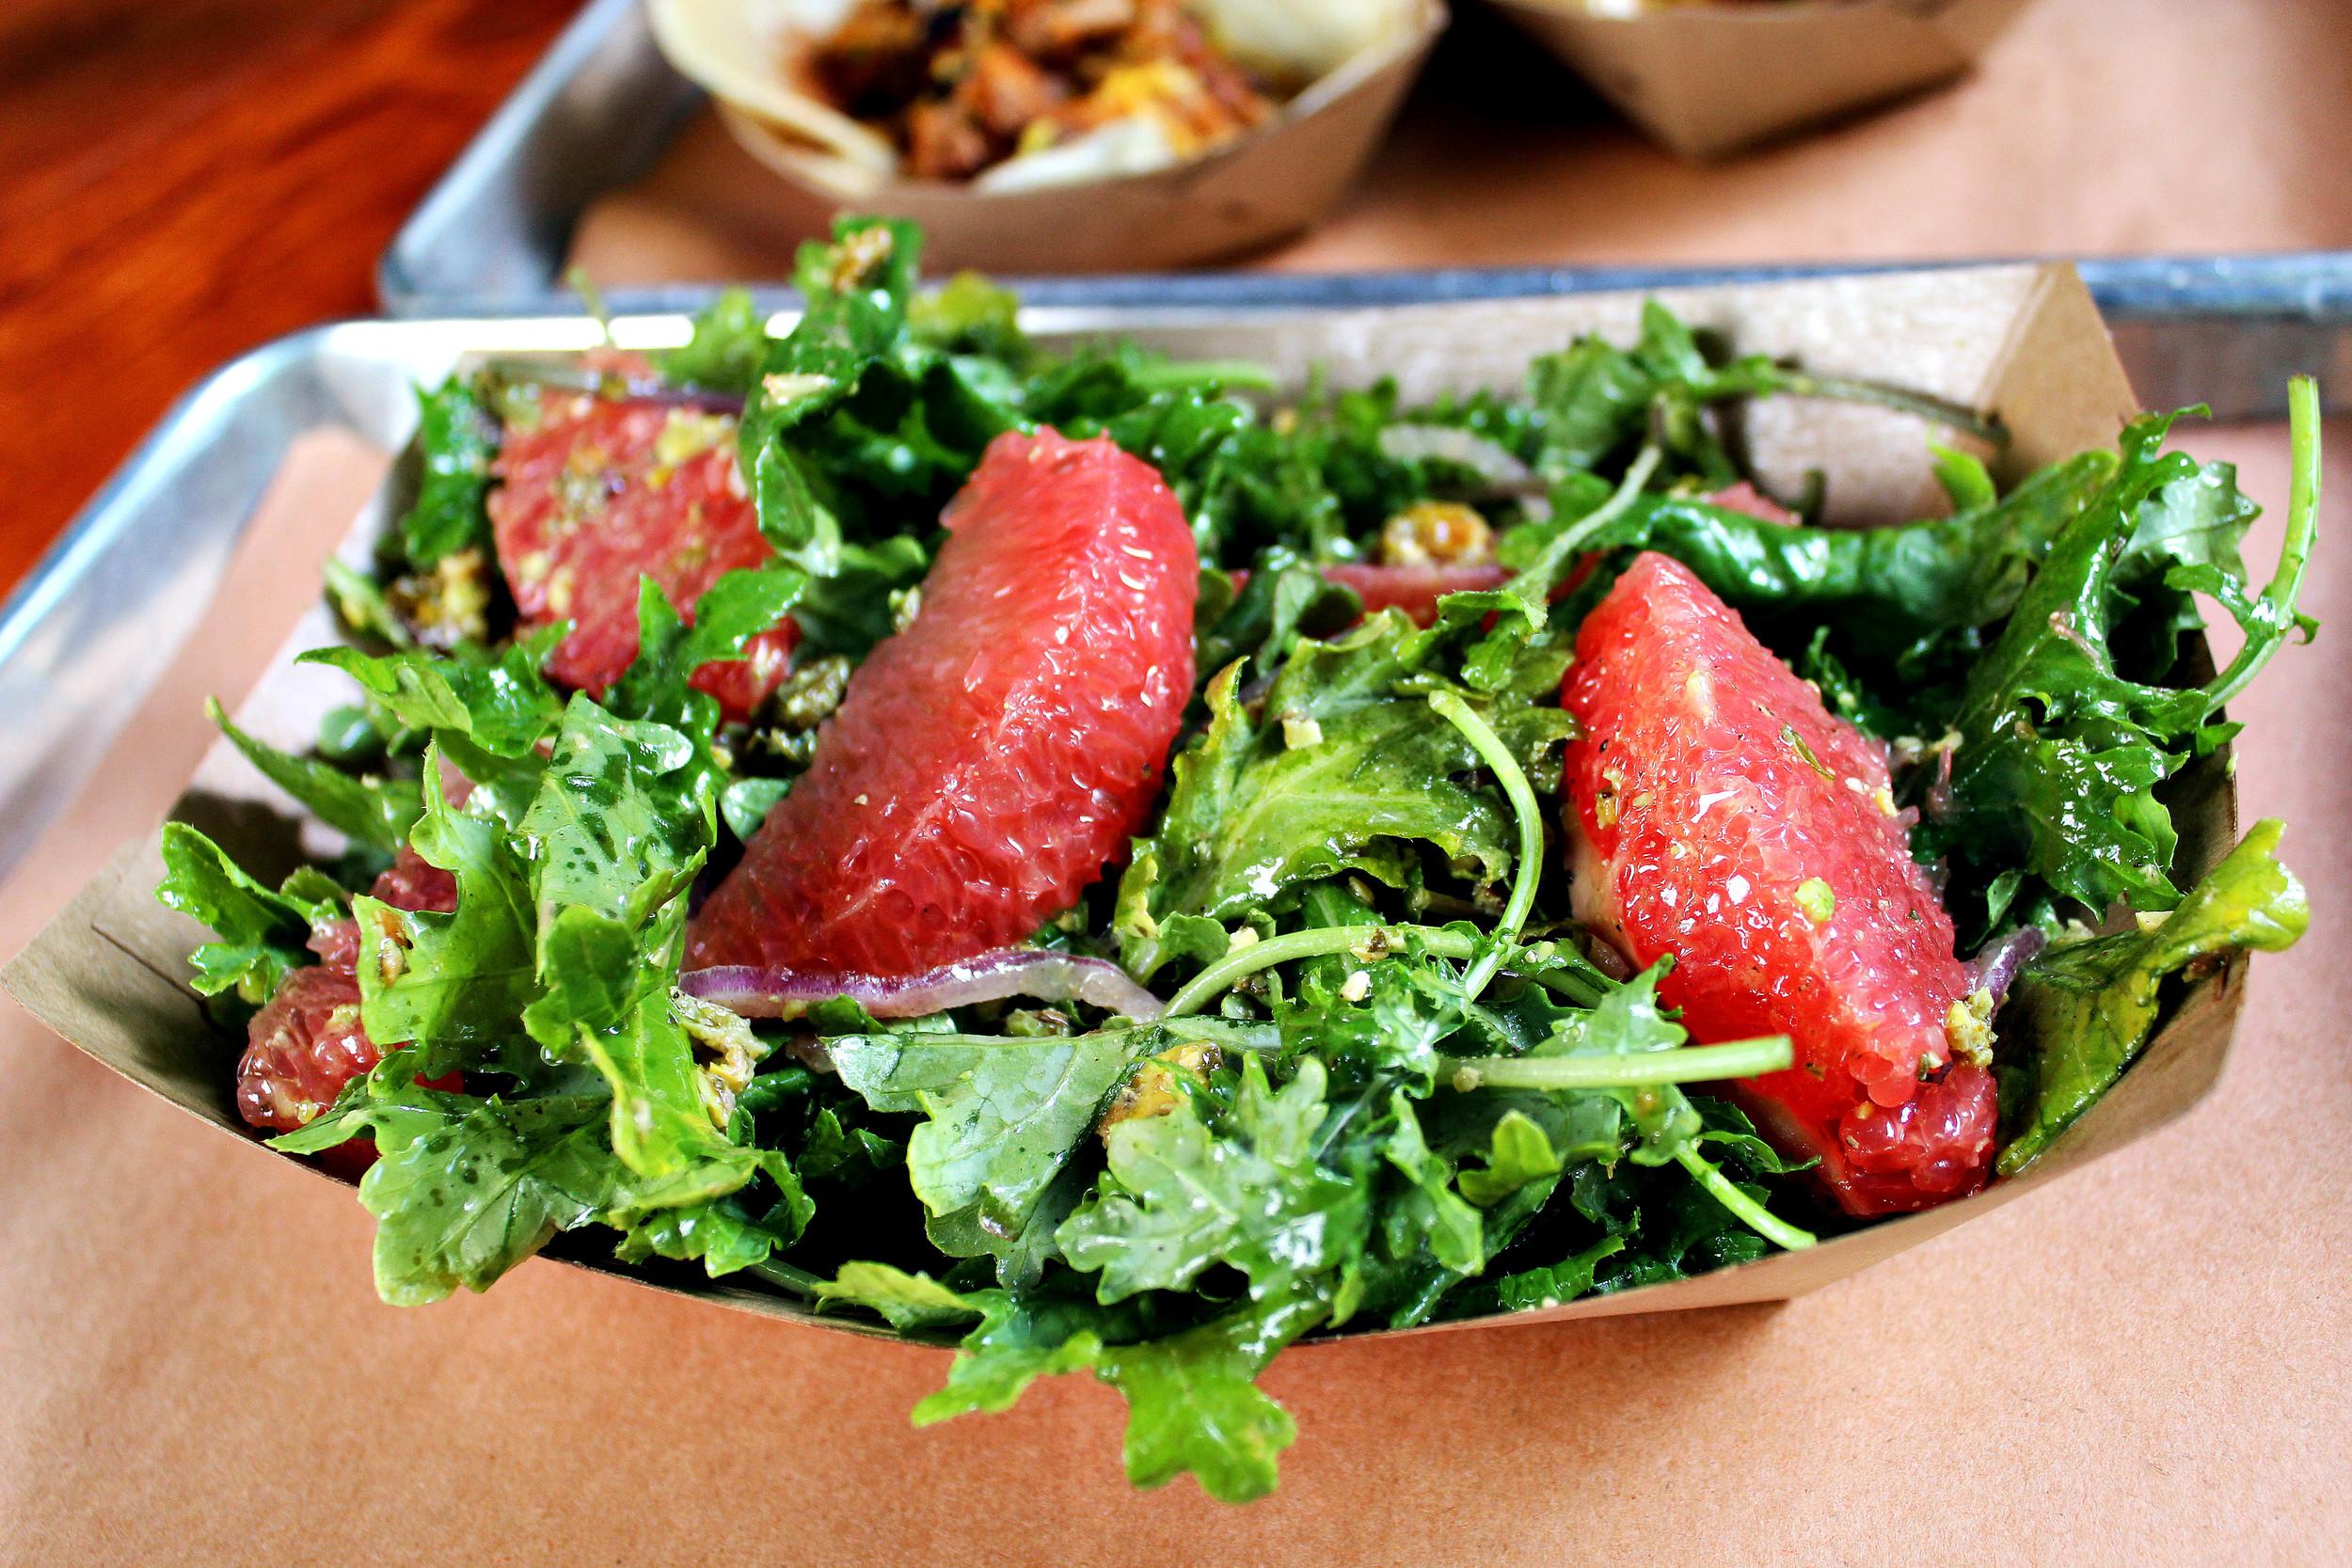 horse thief-kale salad.jpg